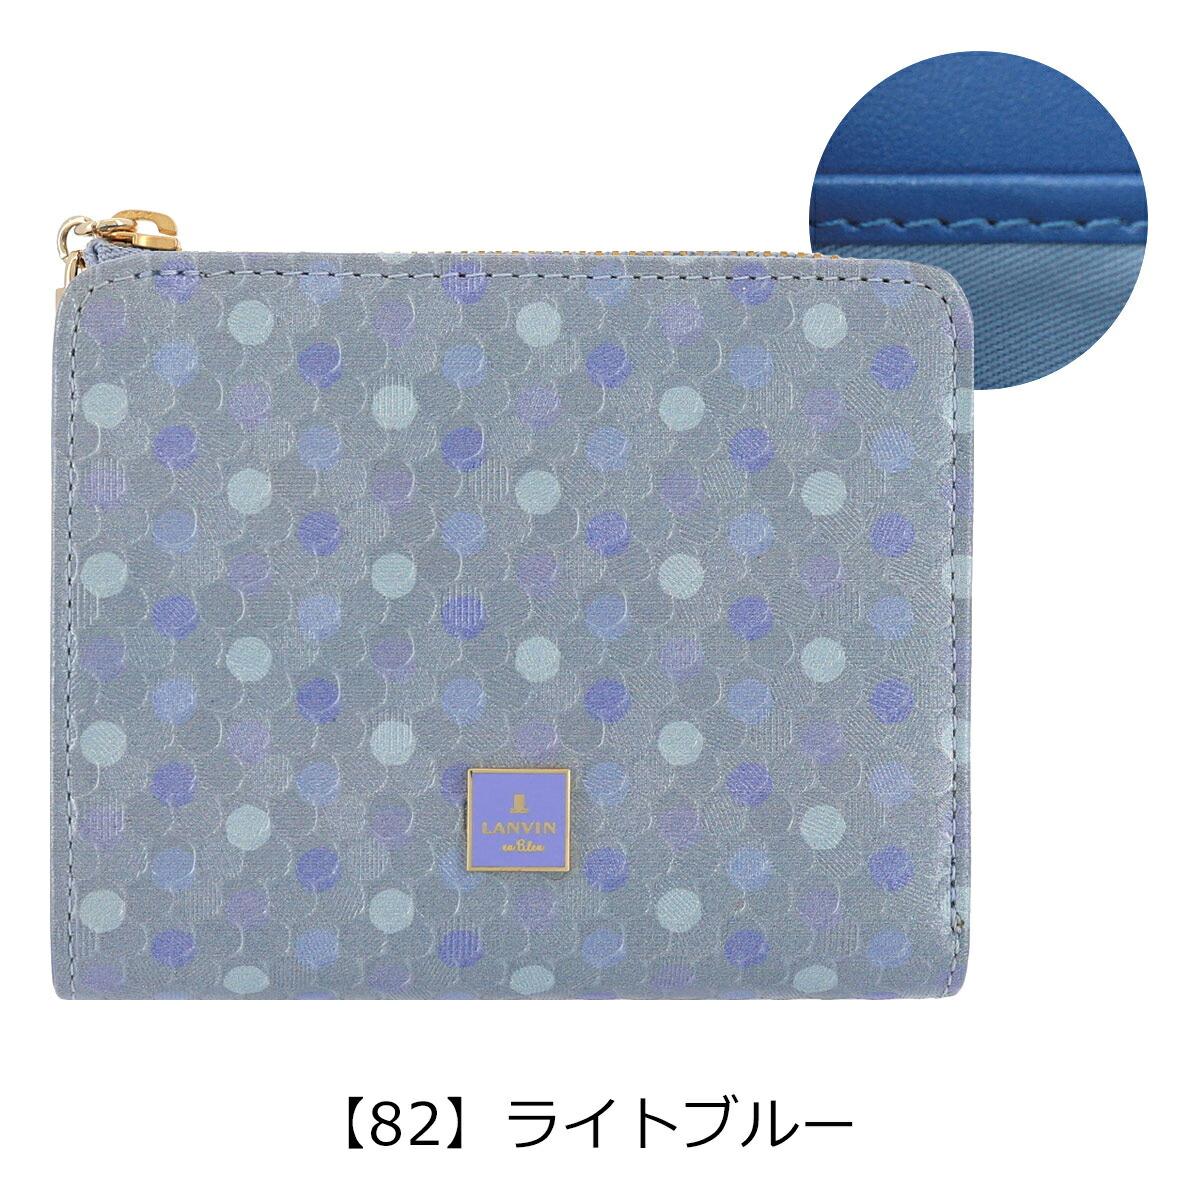 【82】ライトブルー